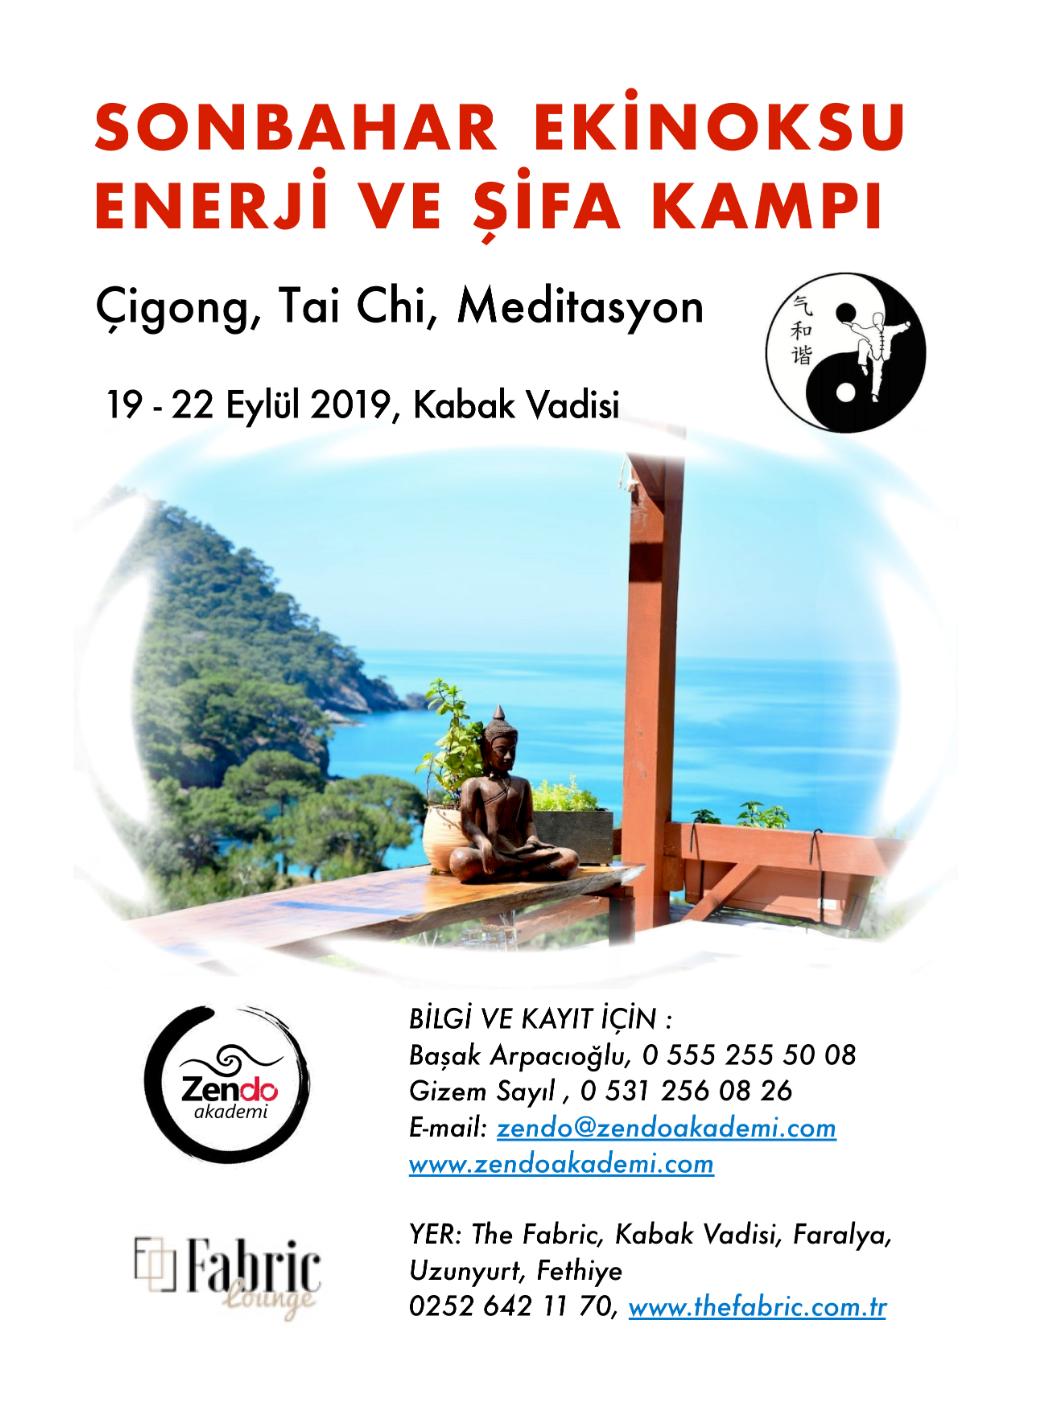 """Enerji ve Şifa kampı """"ÇİGONG, TAİ CHİ, MEDİTASYON"""" 19.09.19 – 22.09.19"""